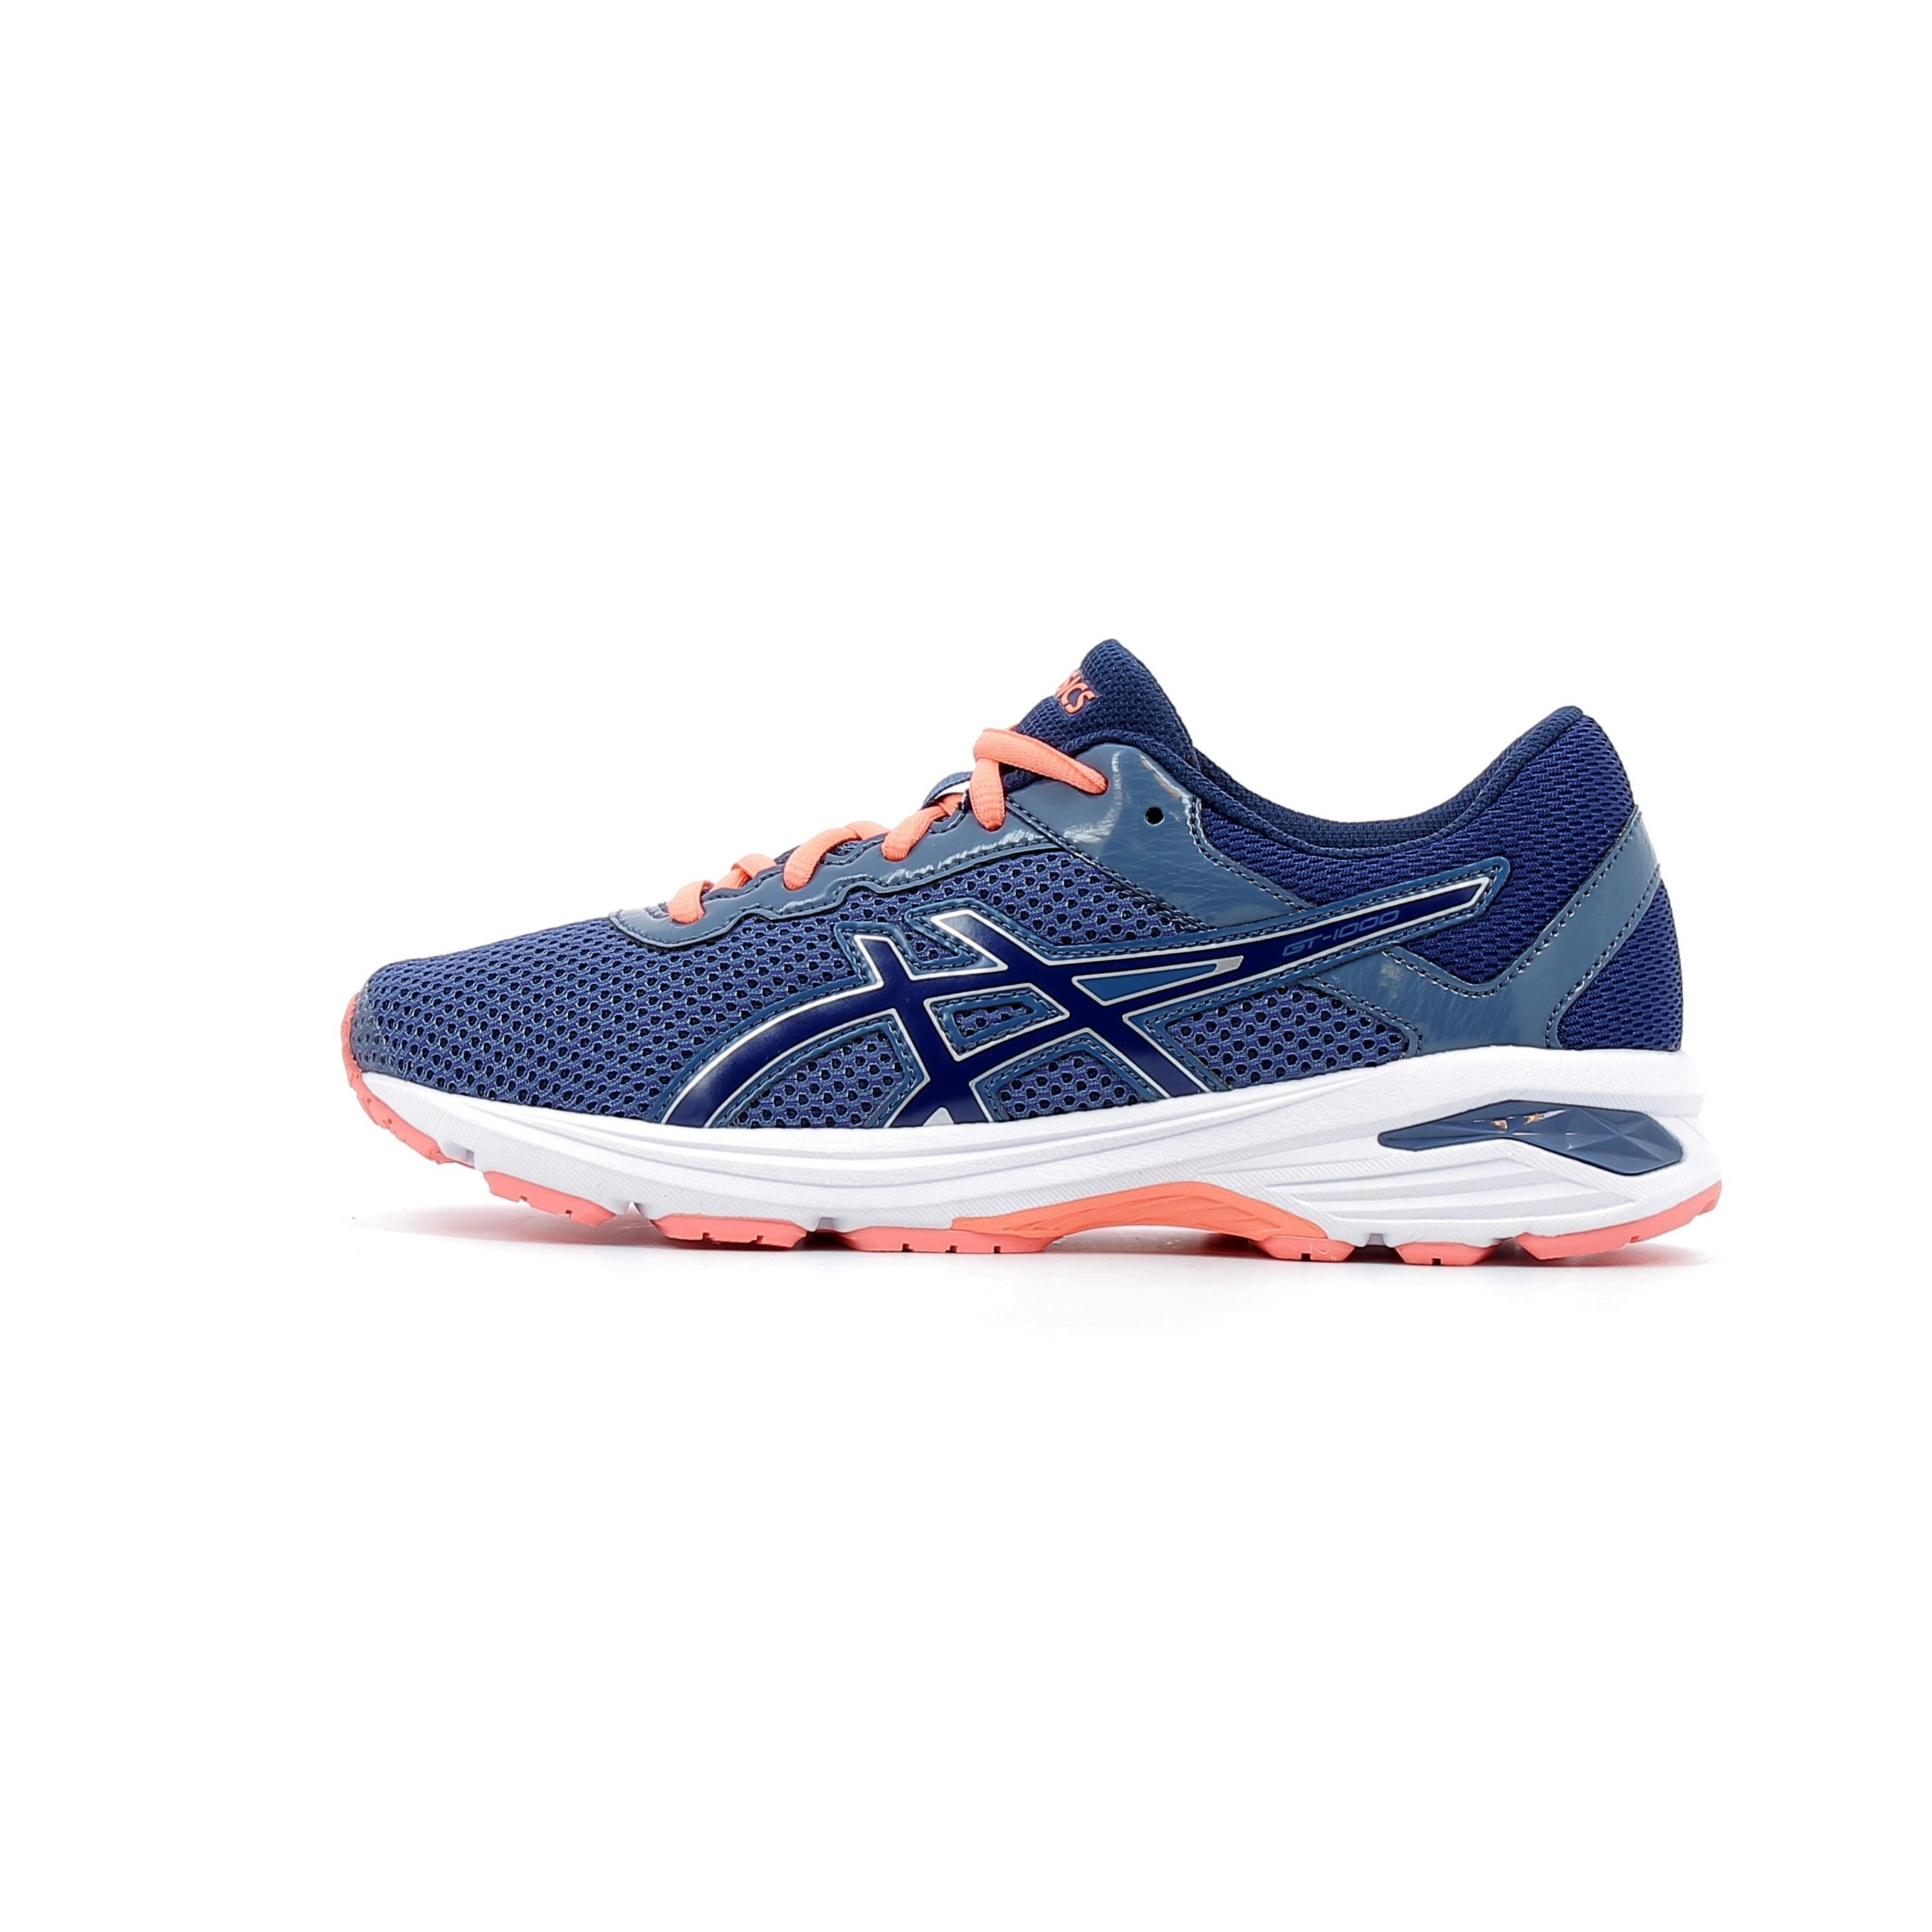 cec220e60a51a Chaussure de Running Asics GT 1000 6 GS